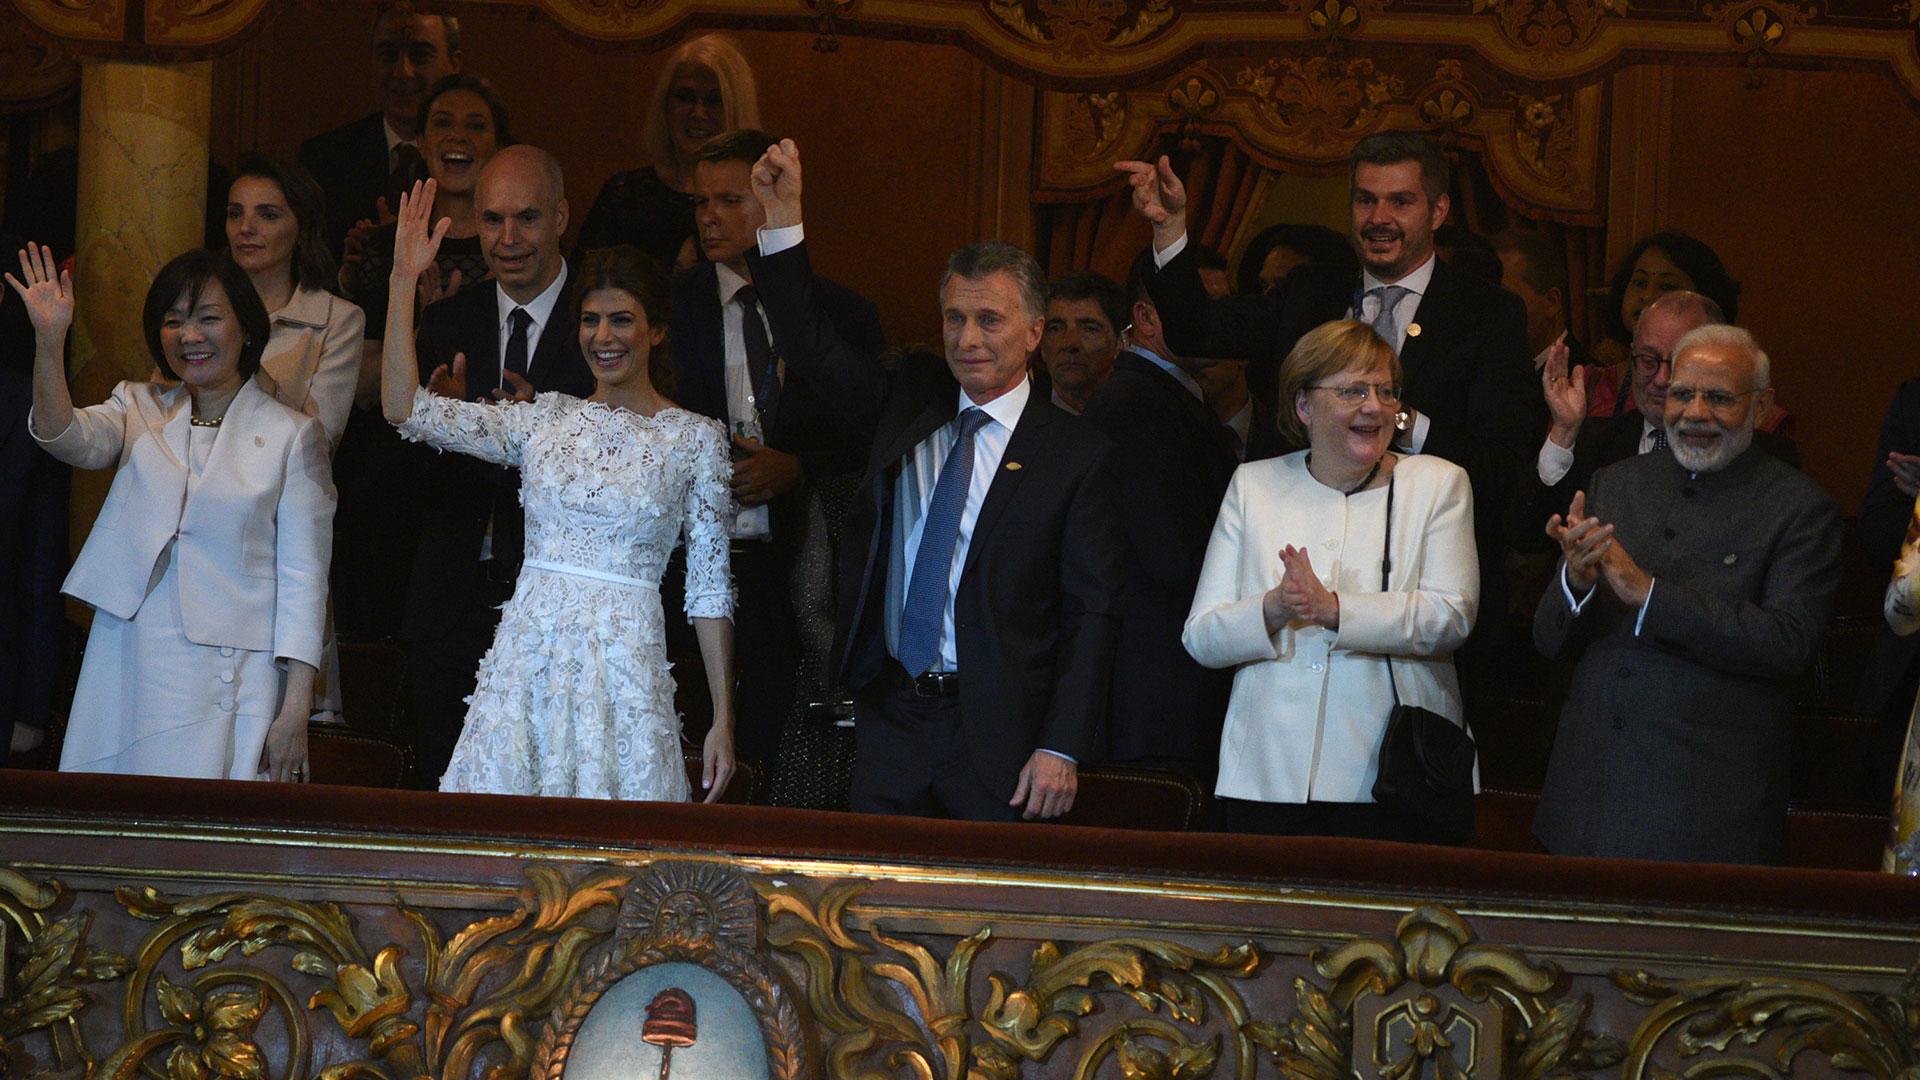 La emoción de Macri en el final del espectáculo